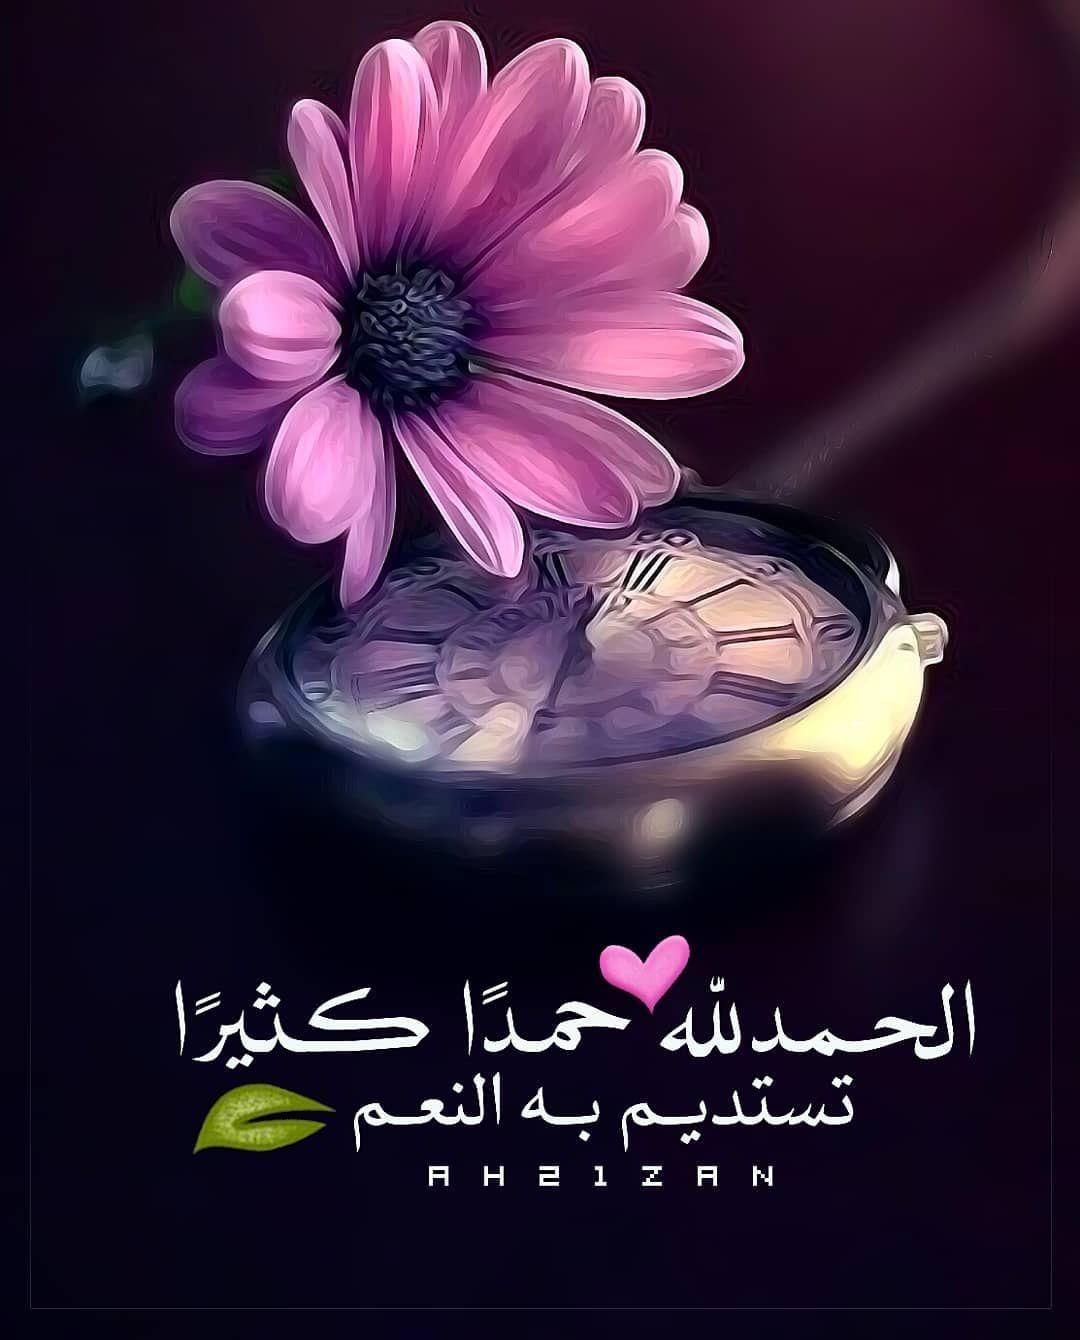 اذ ڪر و ا ال ل هـ On Instagram الحمدلله حمد ا كثير ا تستديم به النعم Islamic Quotes Wallpaper Islamic Love Quotes Raindrops And Roses